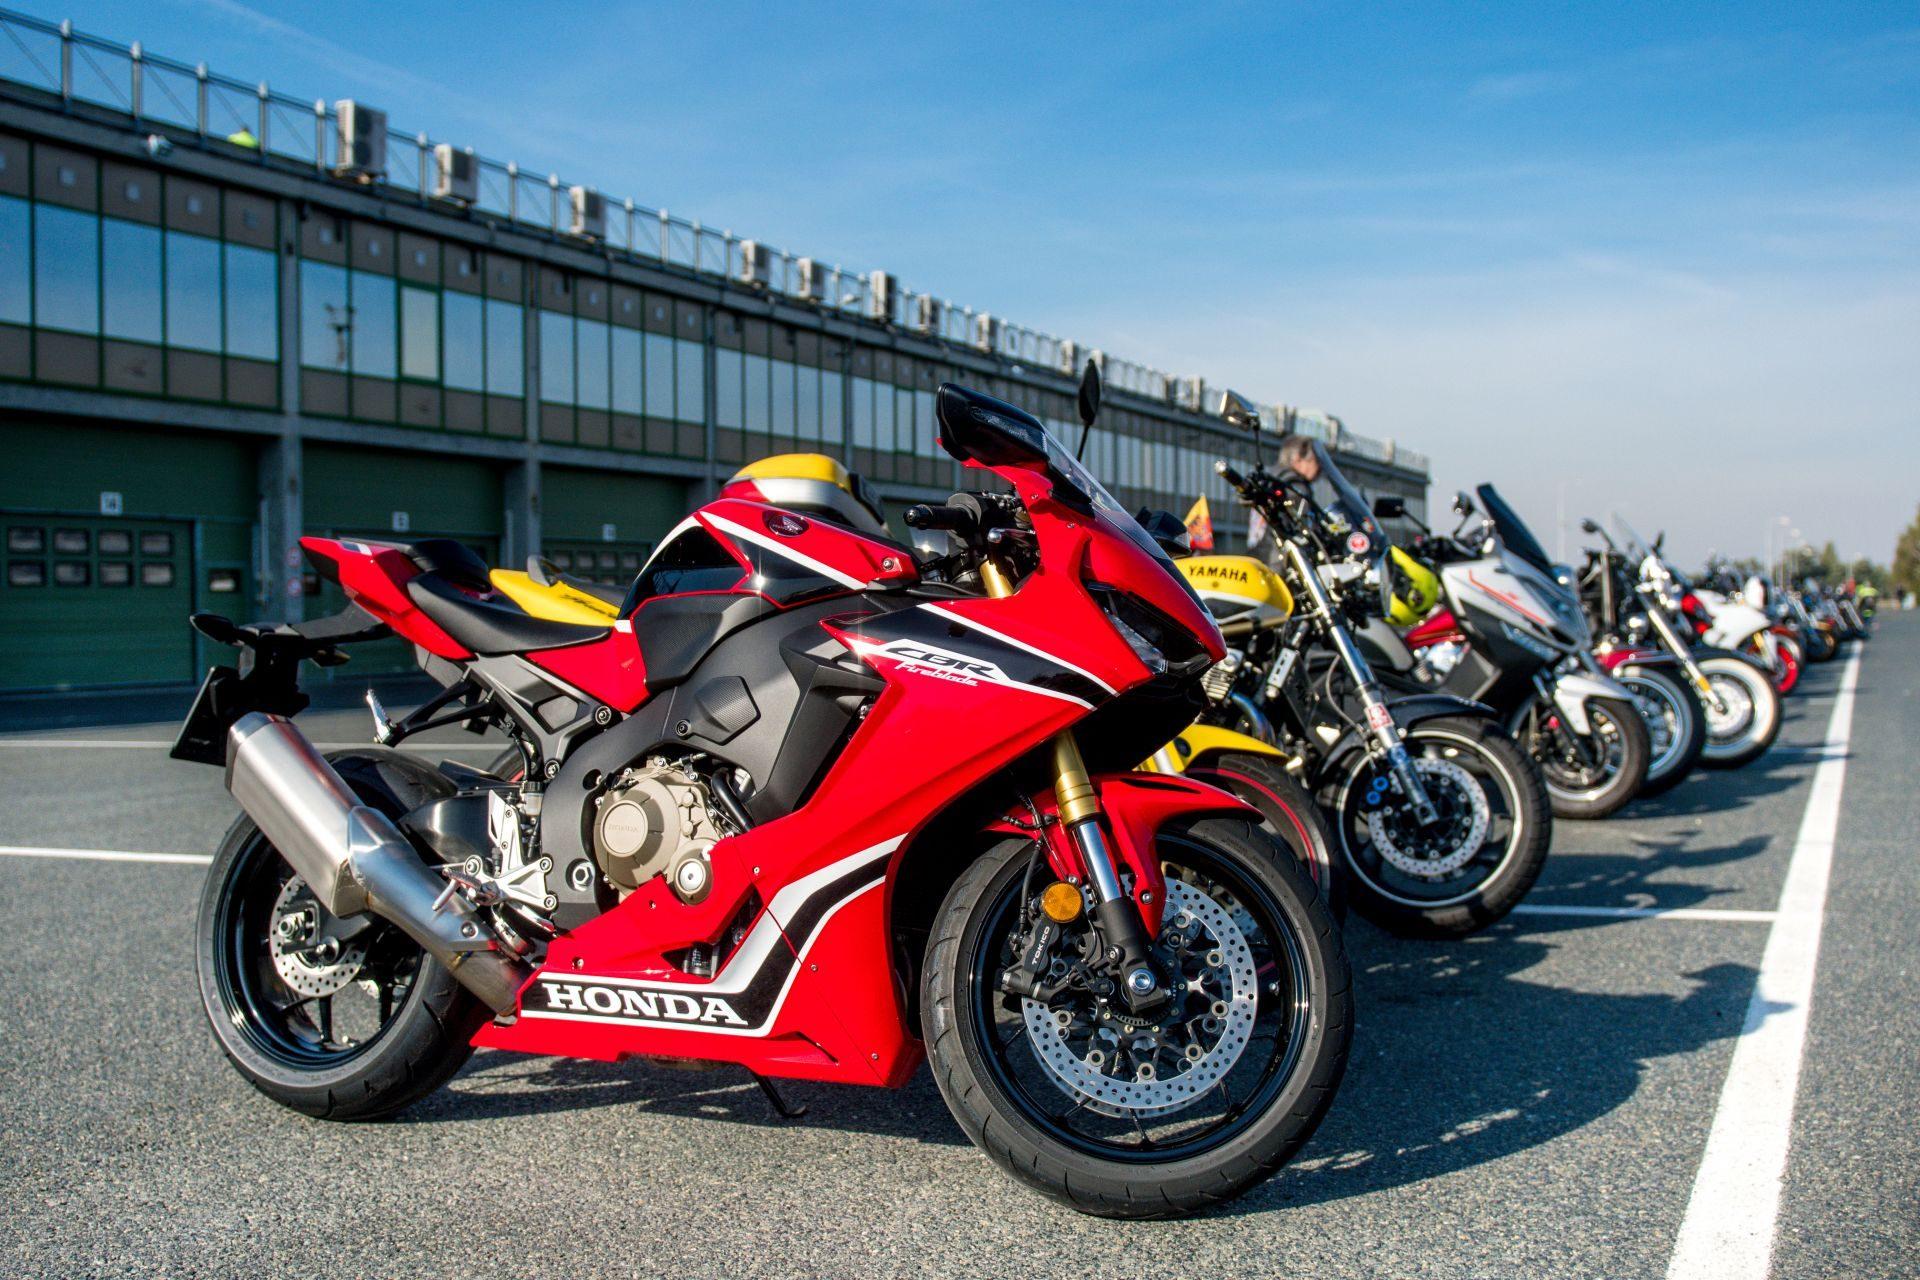 Automobilový a motocyklový okruh se spoustou zábavy a aktivit